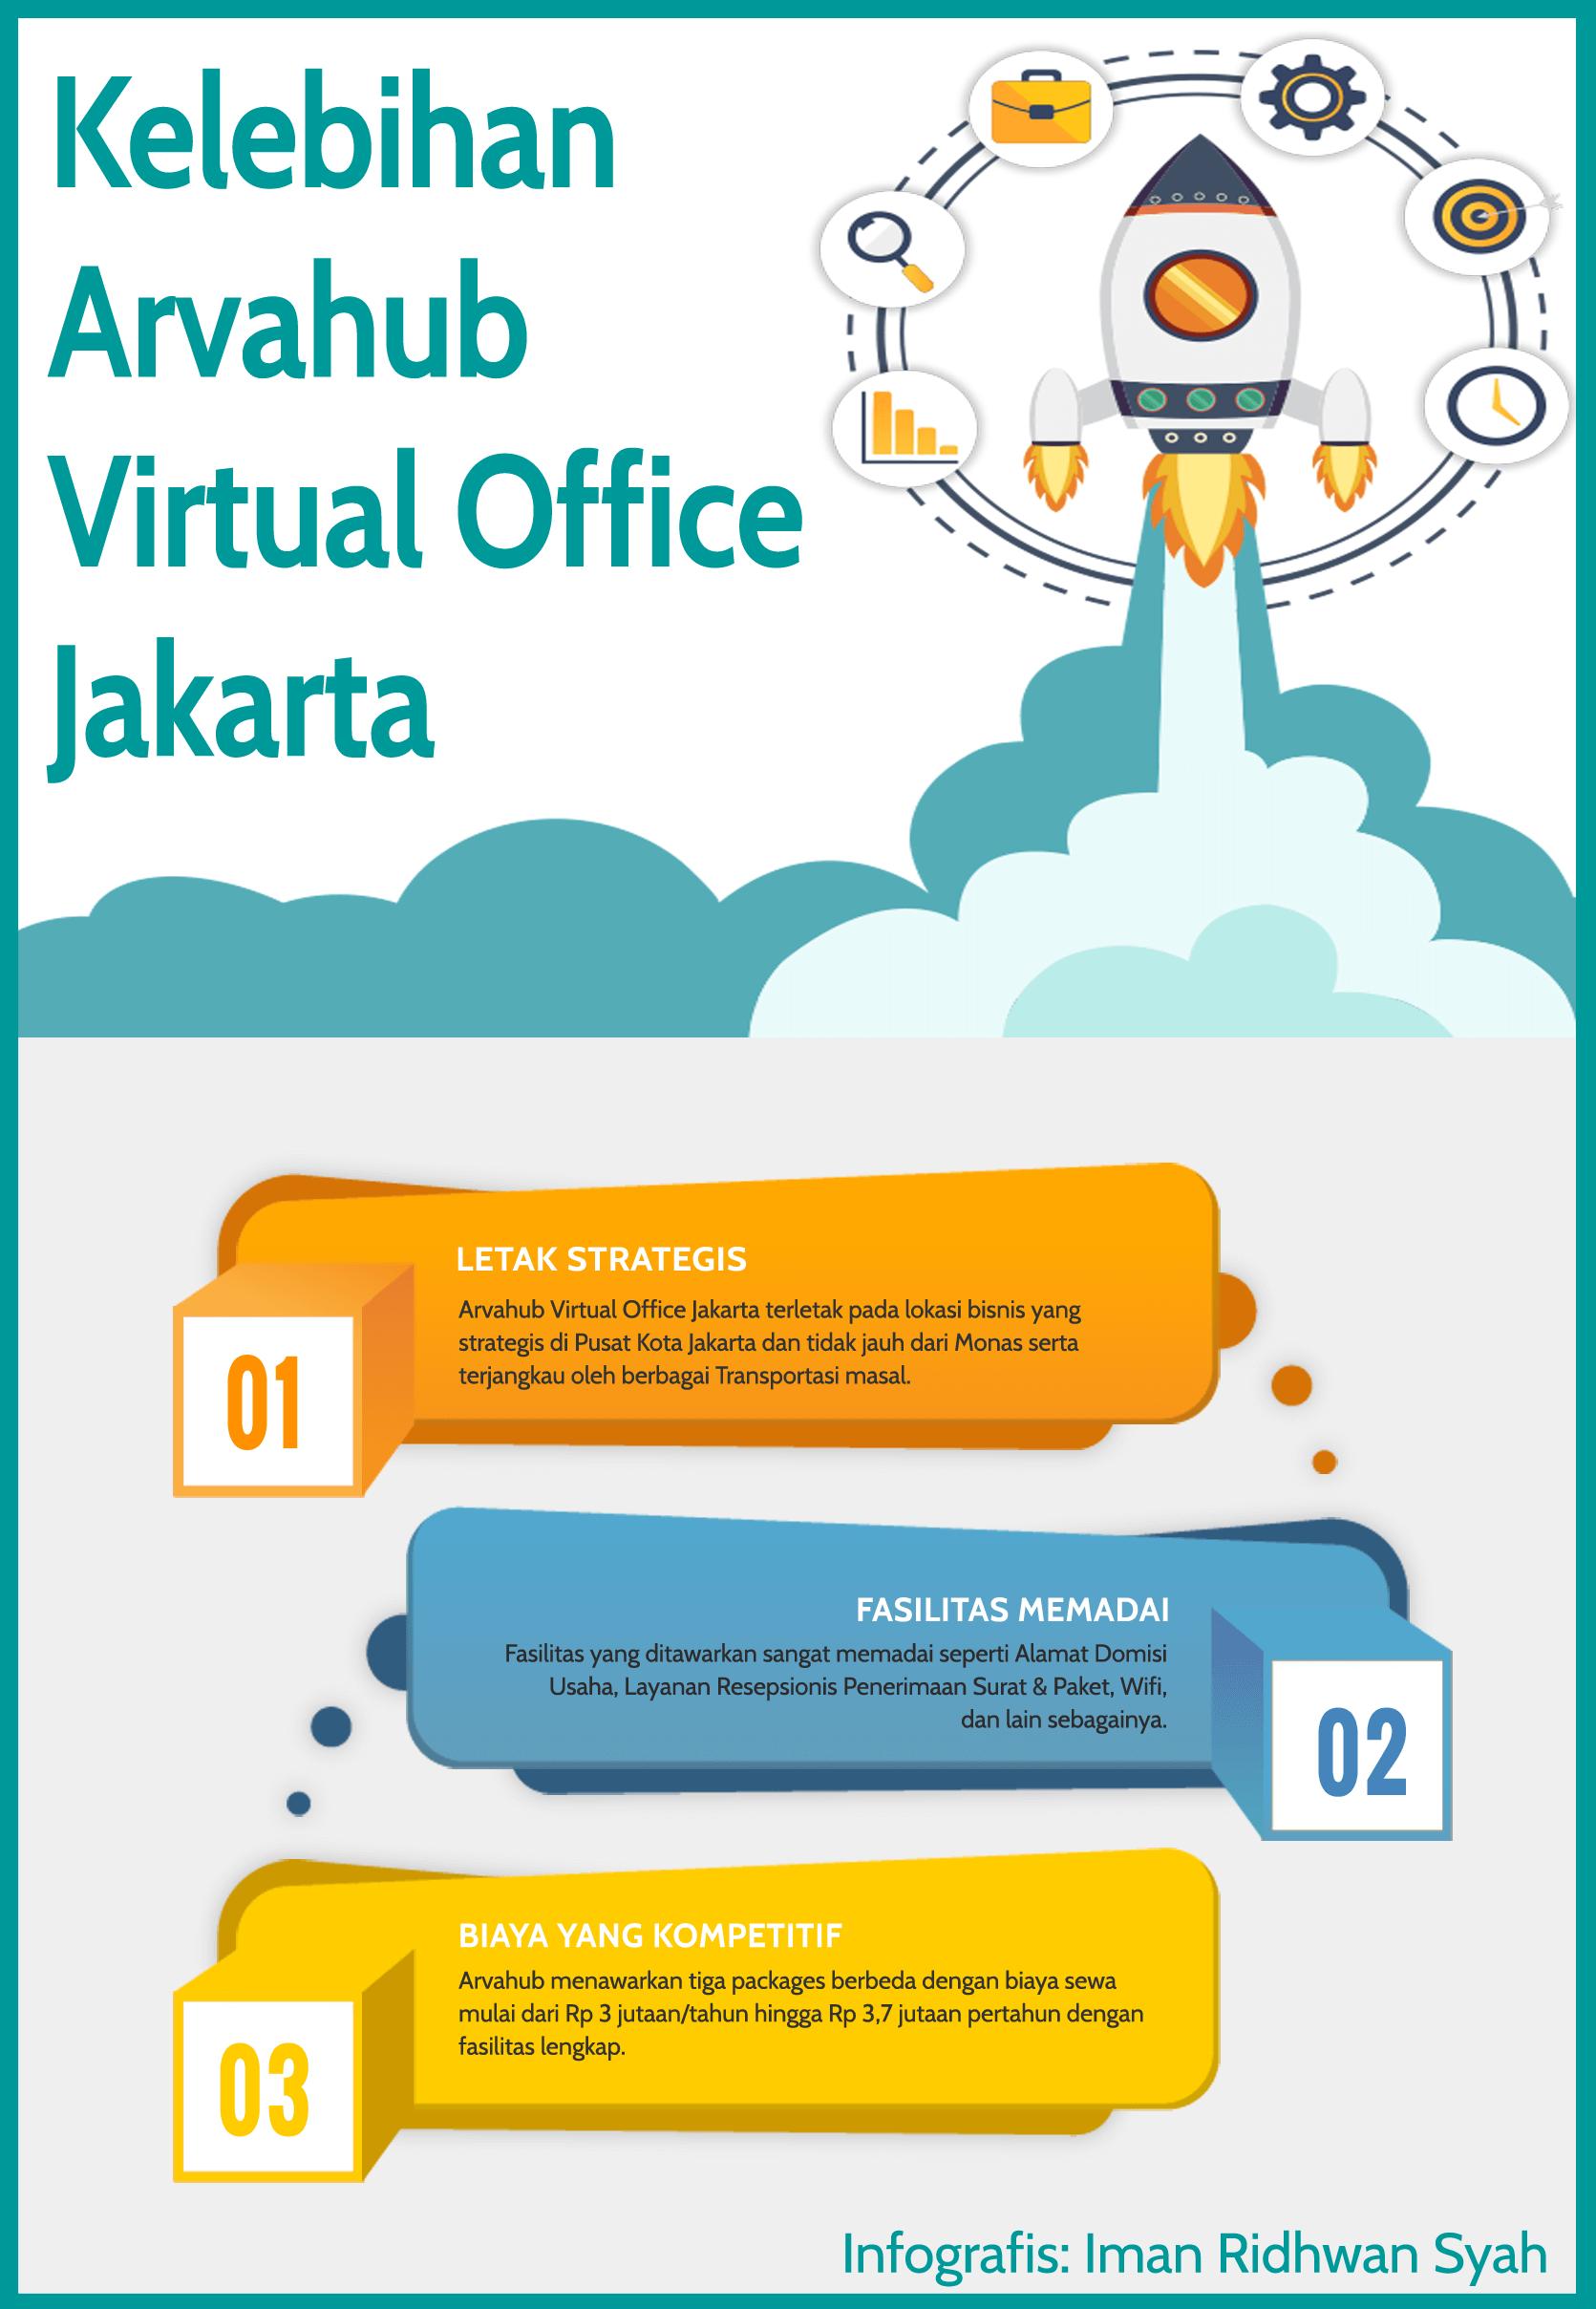 kelebihan arvahub virtual office jakarta terbaik murah lokasi strategis